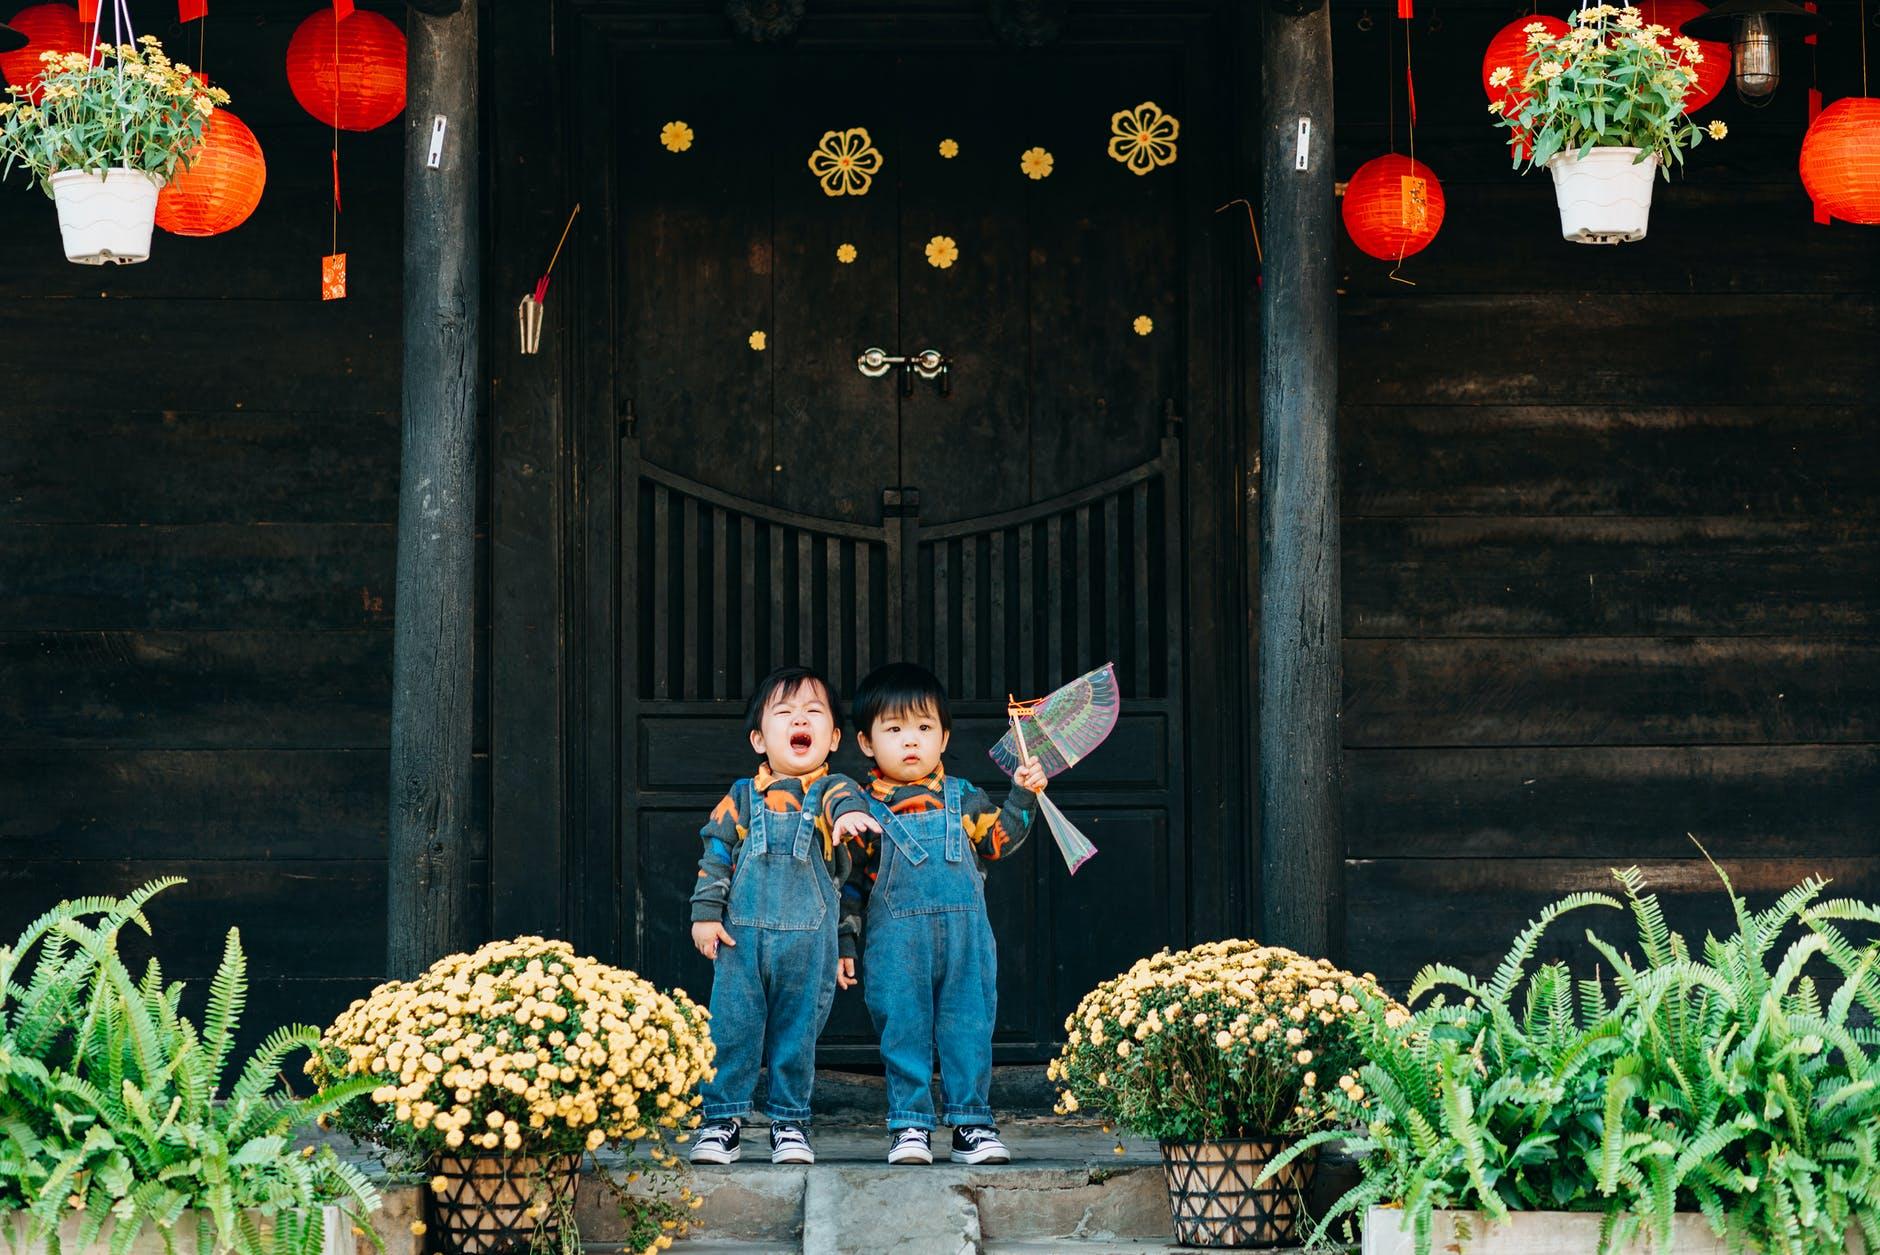 children wearing denim jumpers